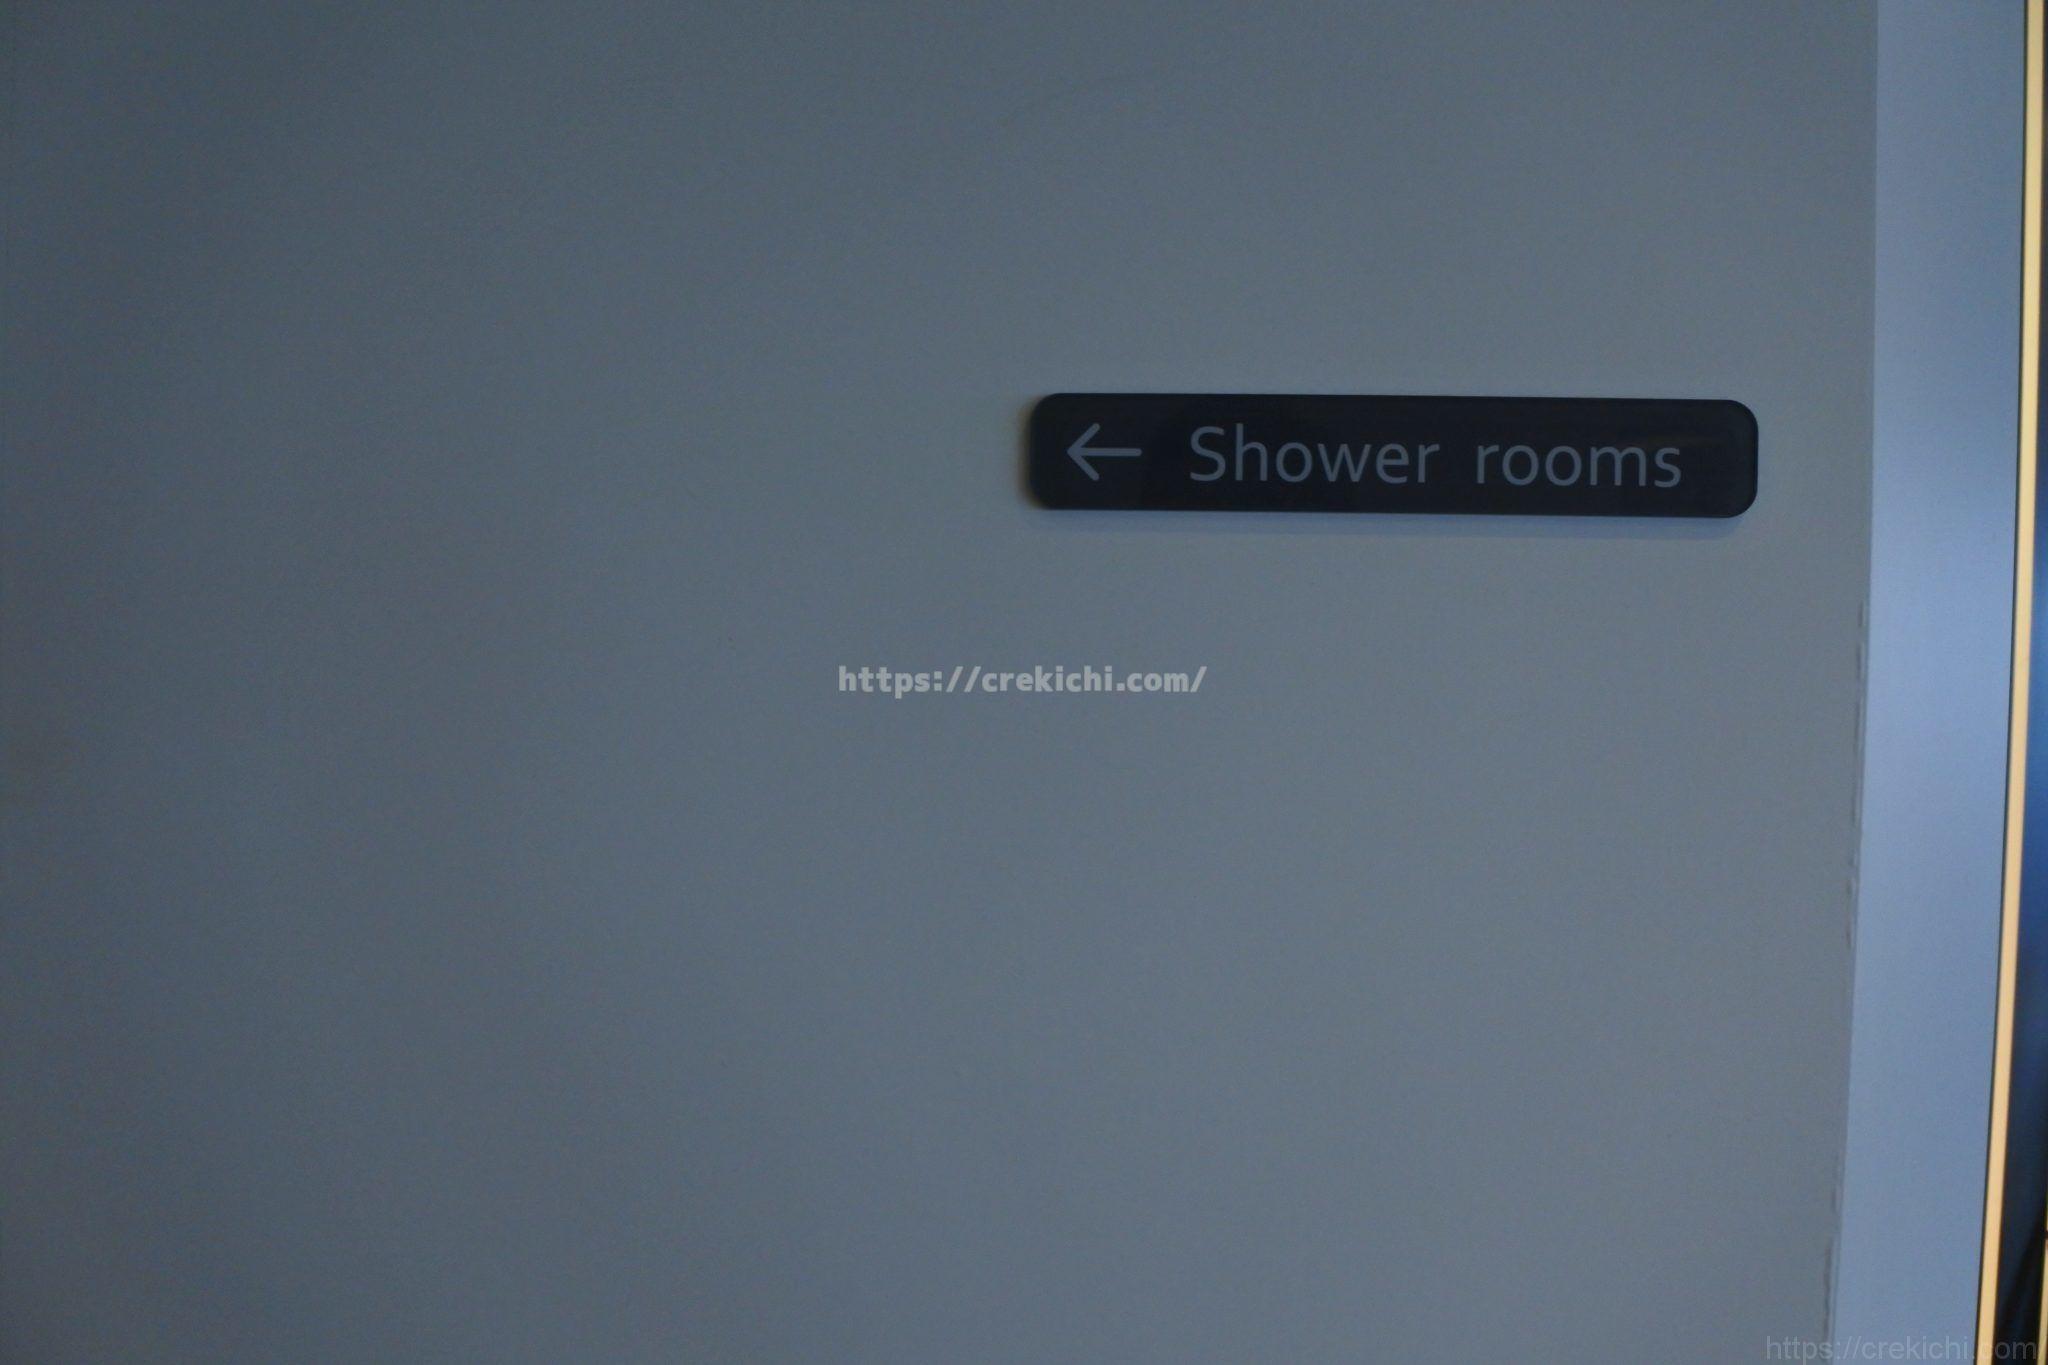 スカイクラブ シャワー室